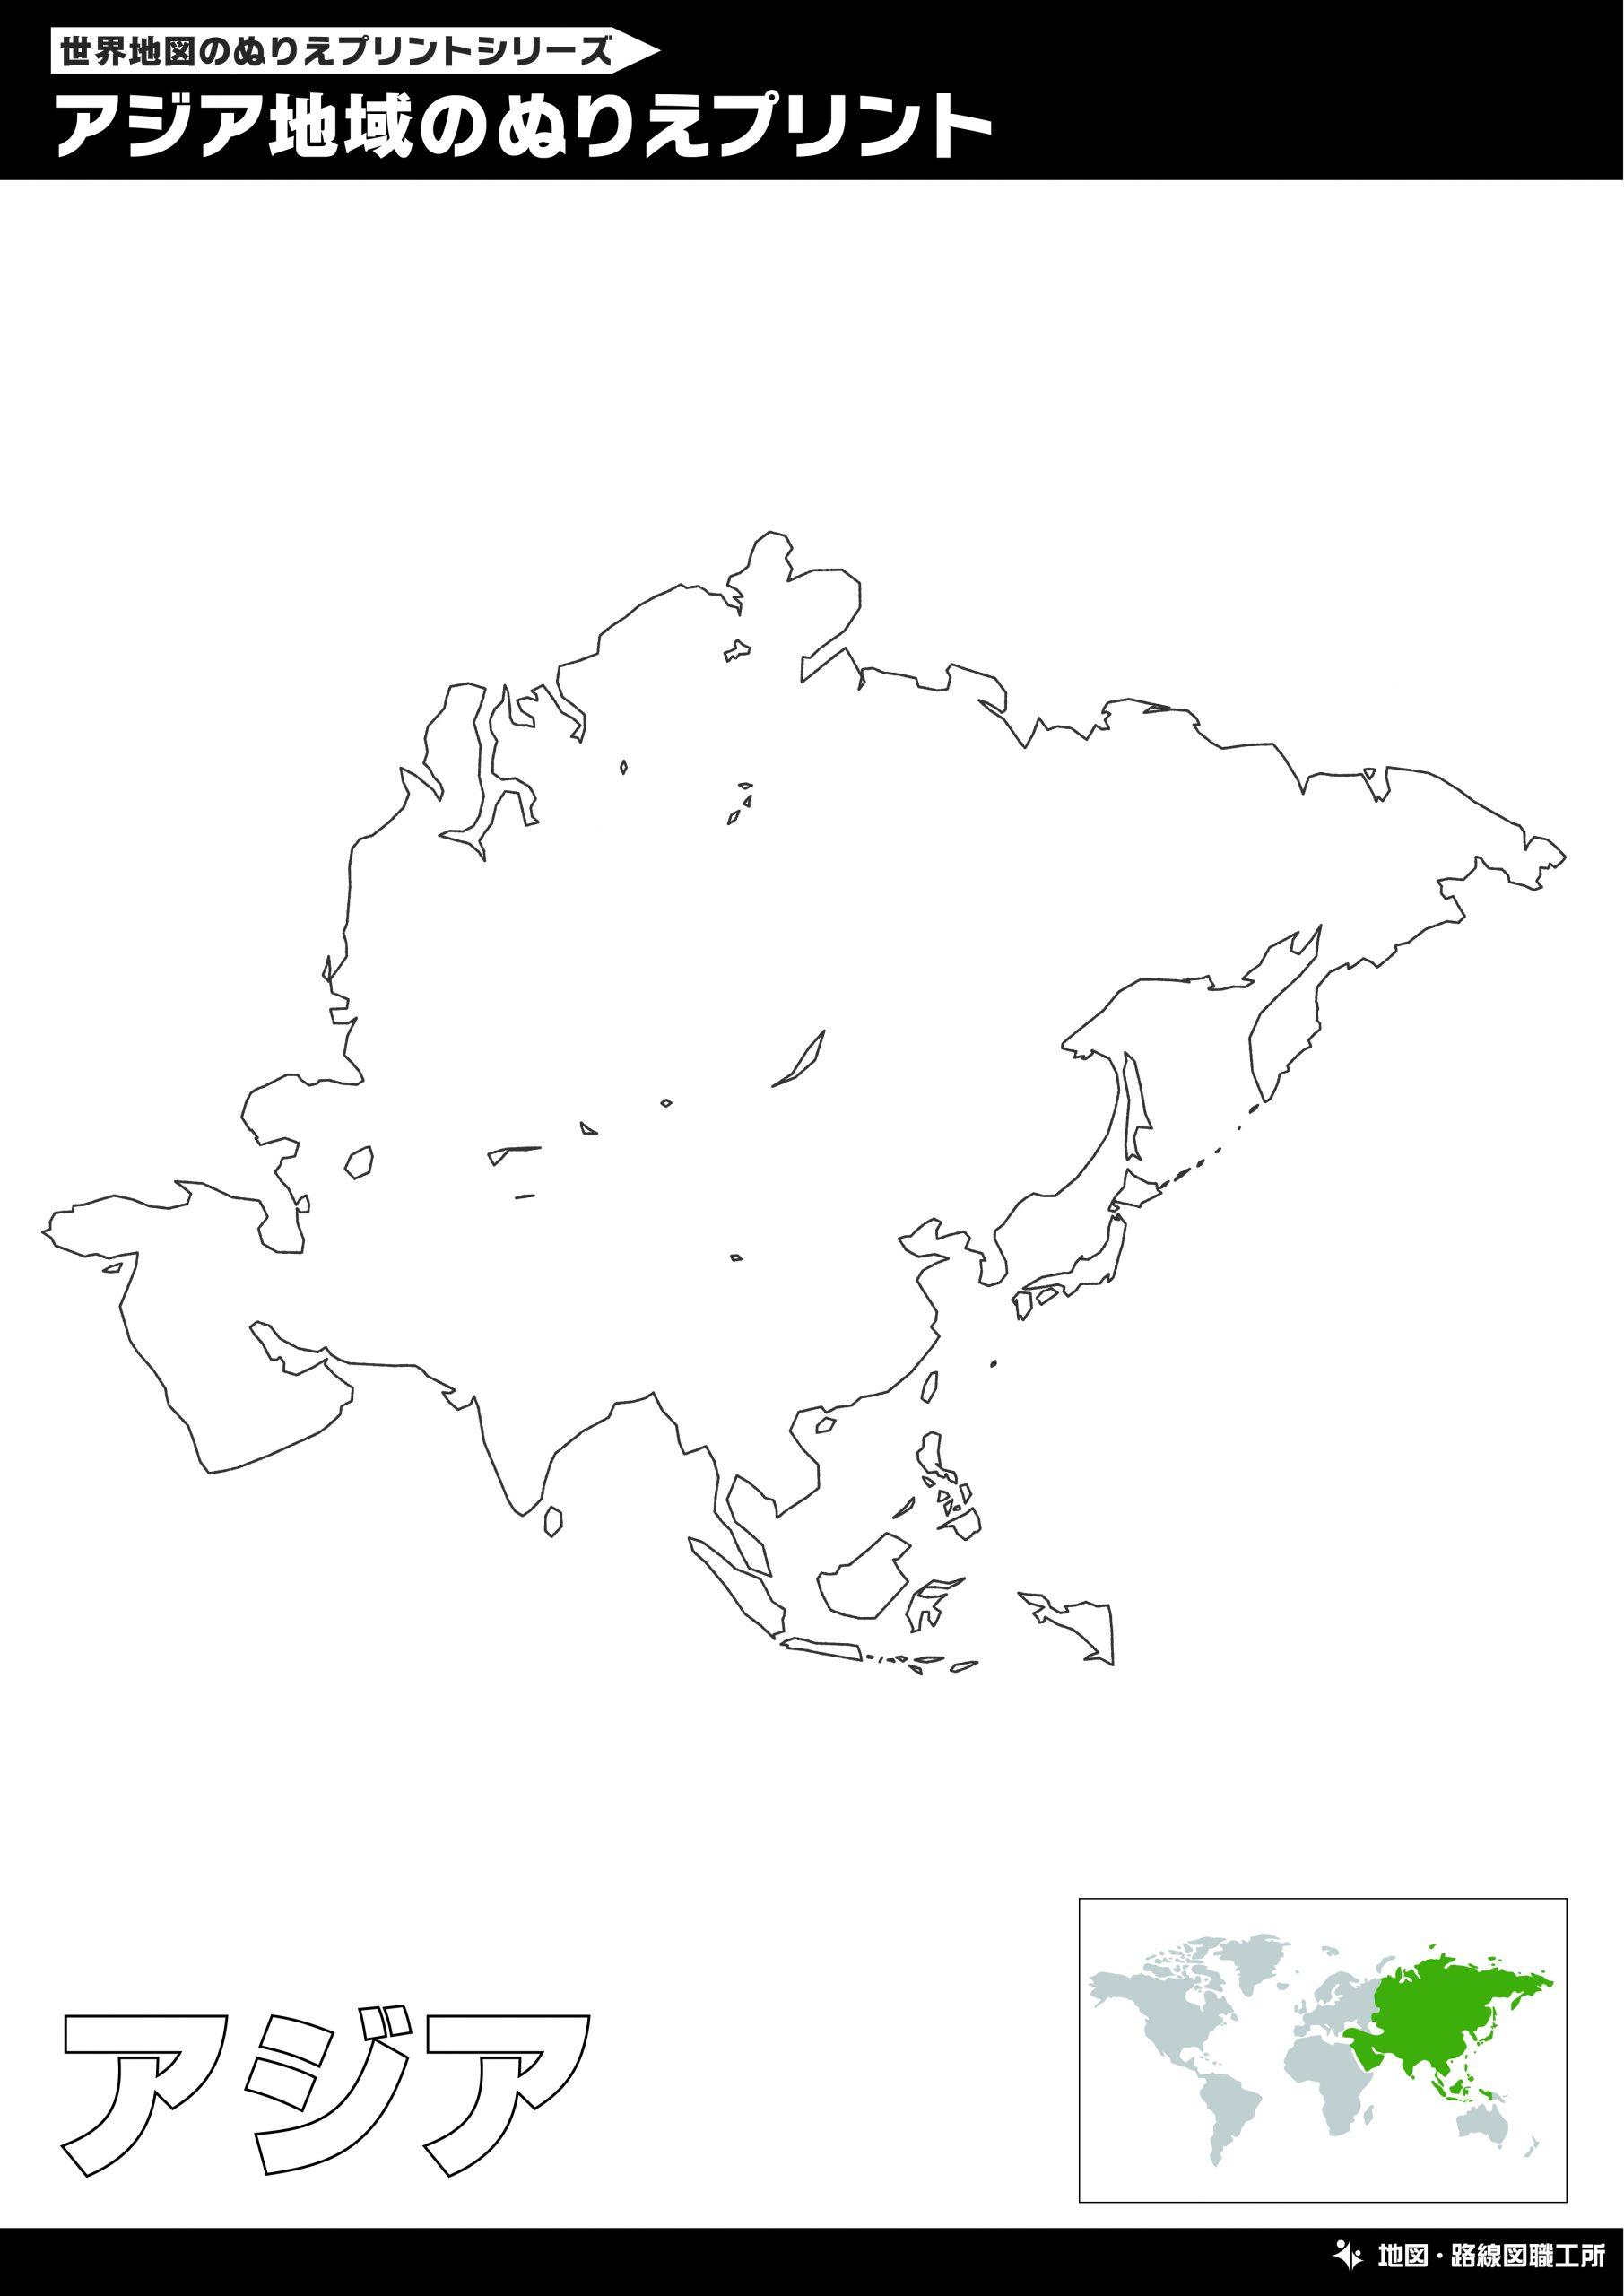 アジア地図のぬりえ